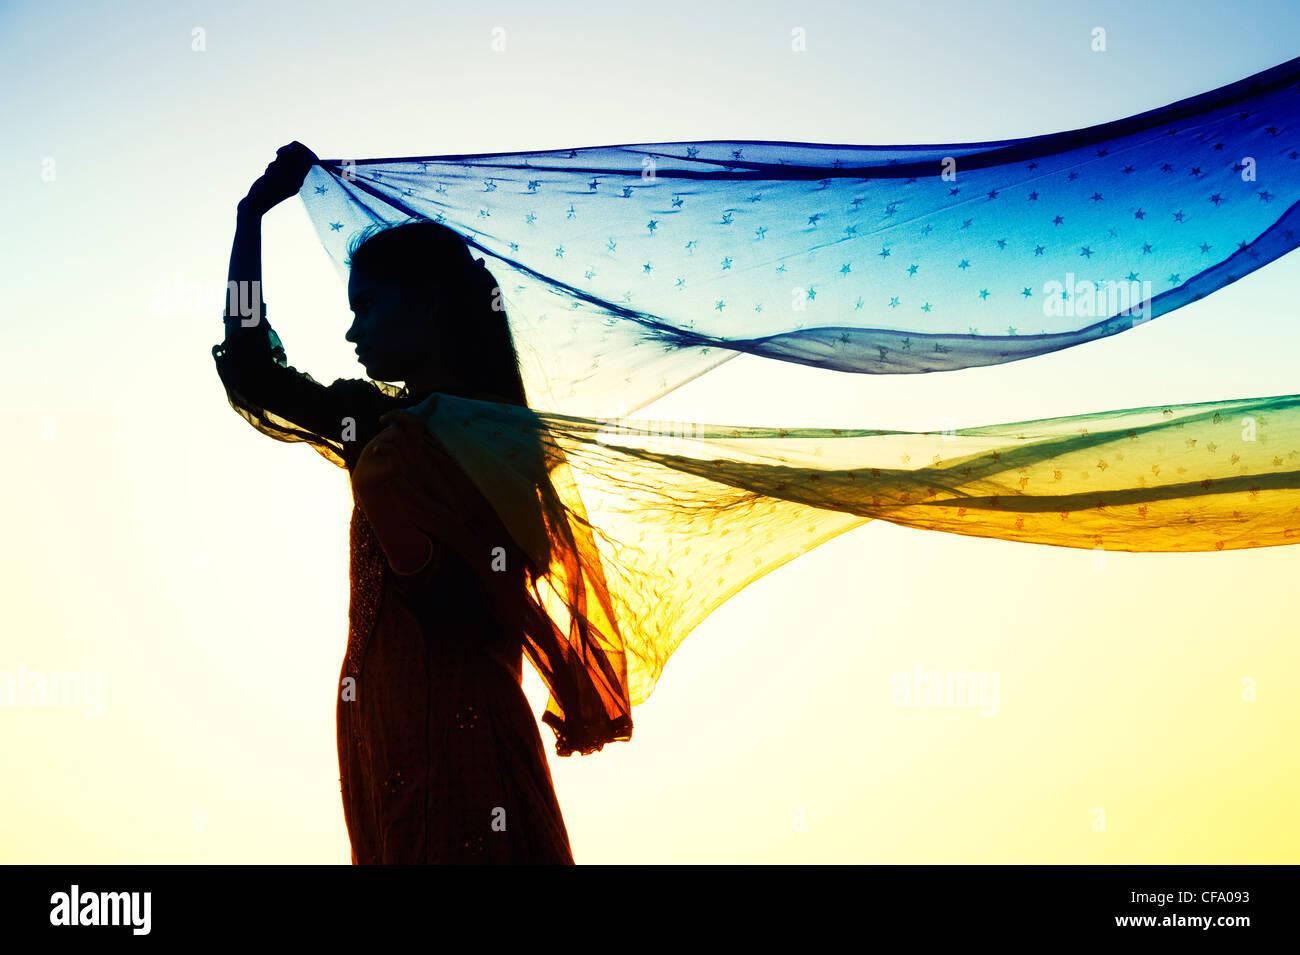 Inderin mit Stern gemustert Schleier im Wind. Silhouette Stockbild